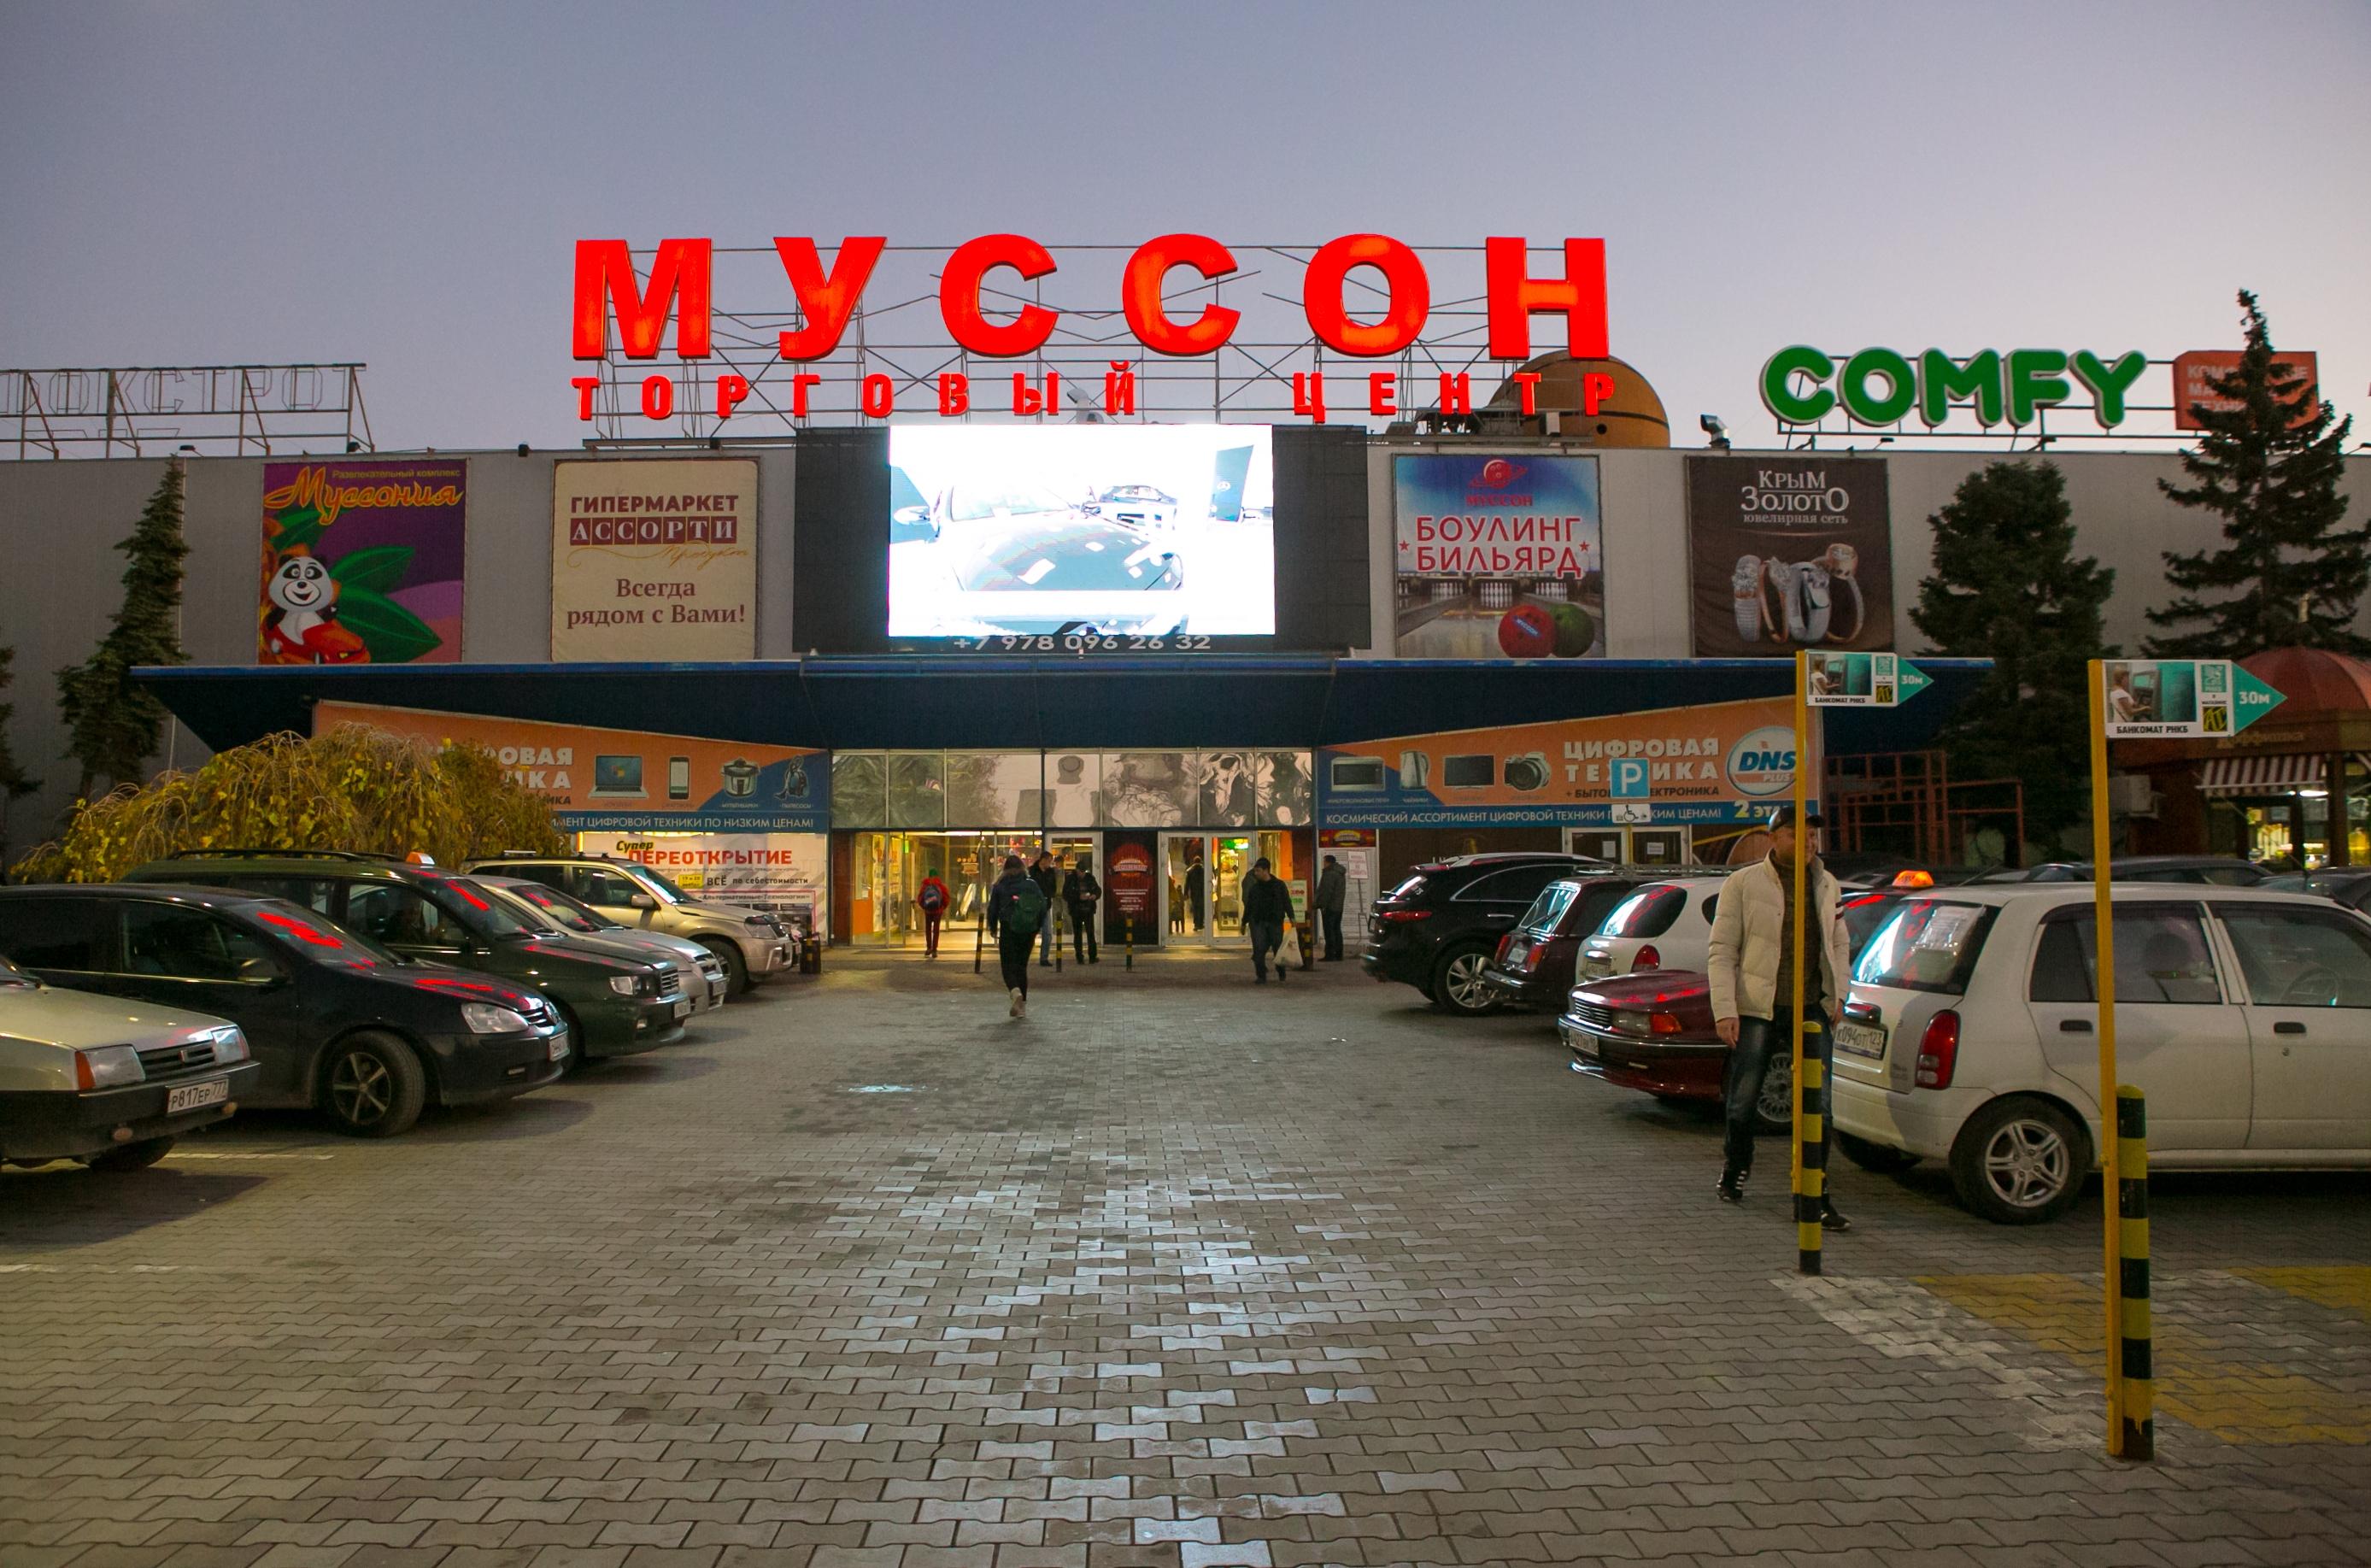 Севастопольский «Муссон» откроют не раньше конца февраля, а может быть и позже — СМИ